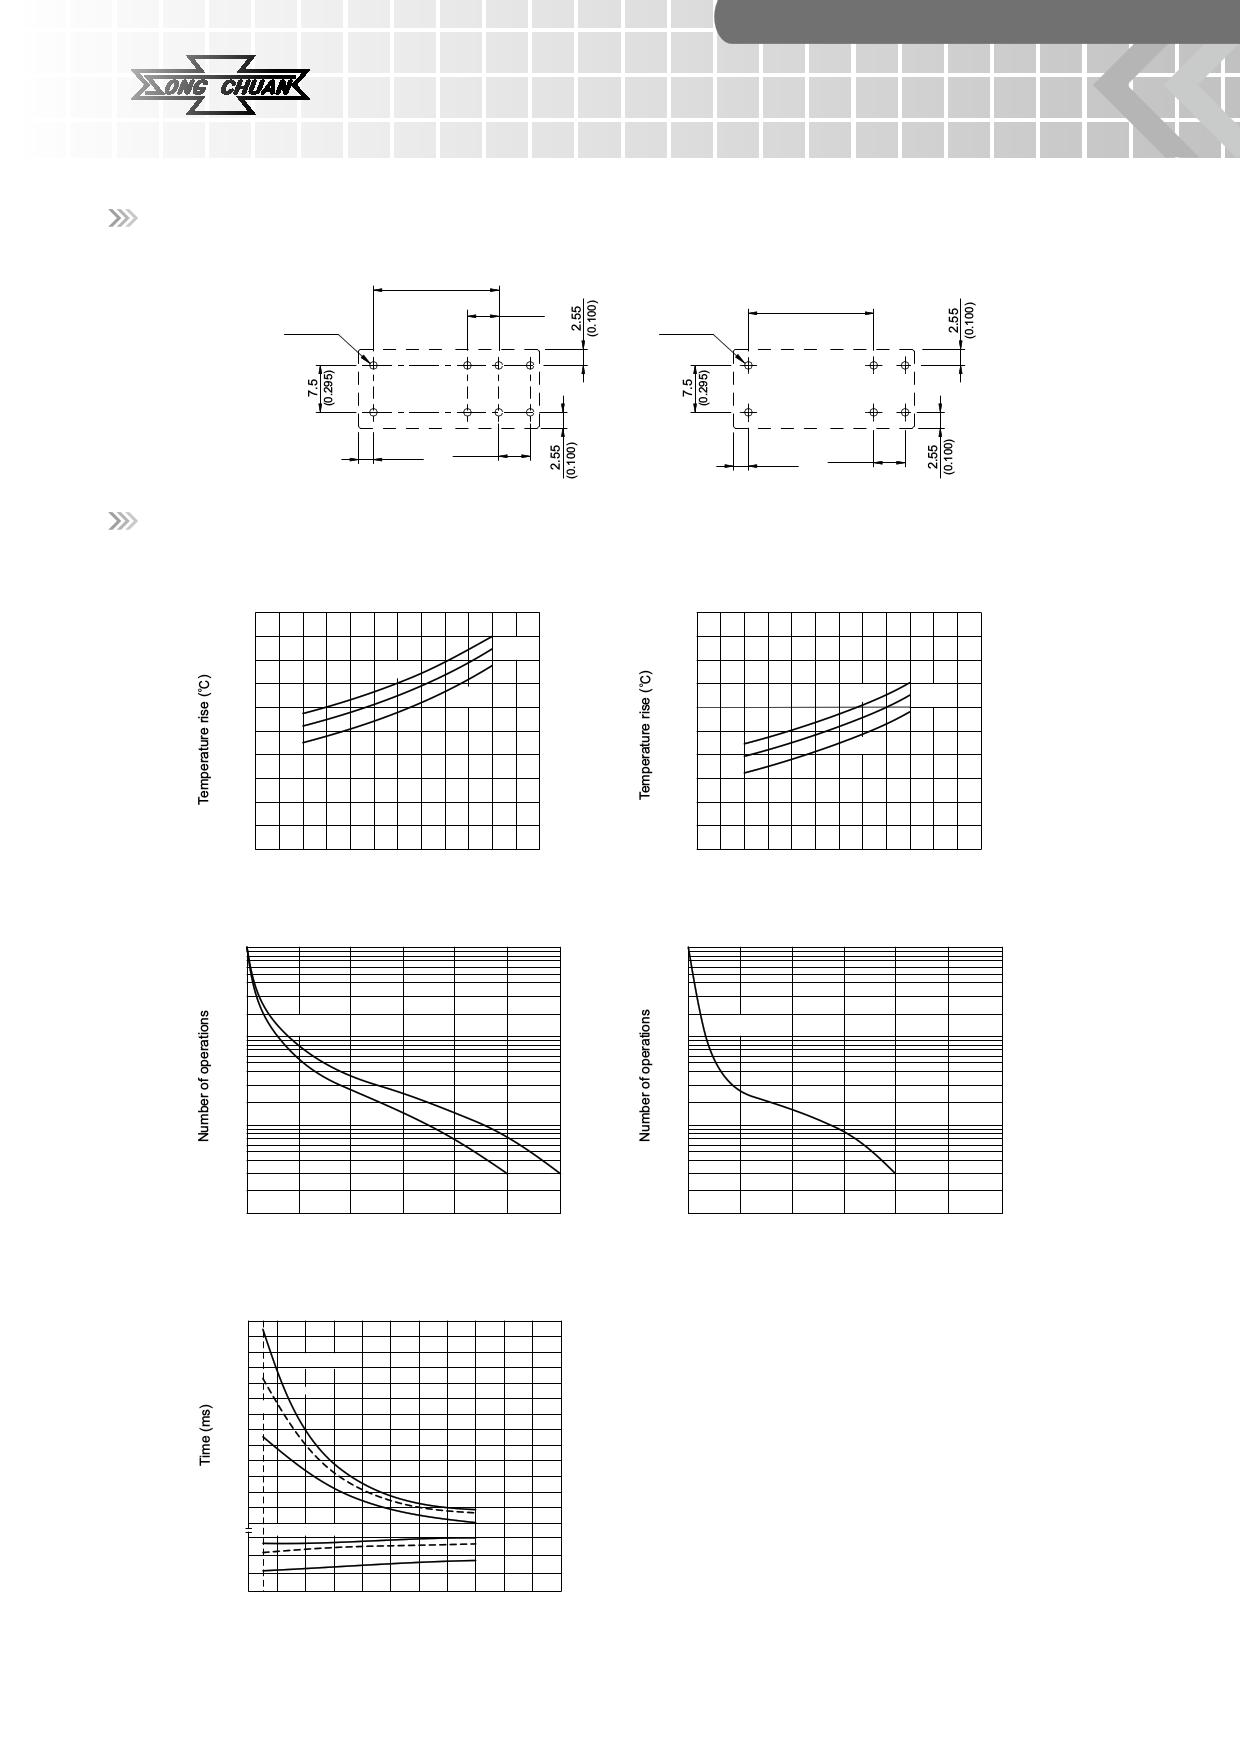 894-2ACA1-F-C 電子部品, 半導体